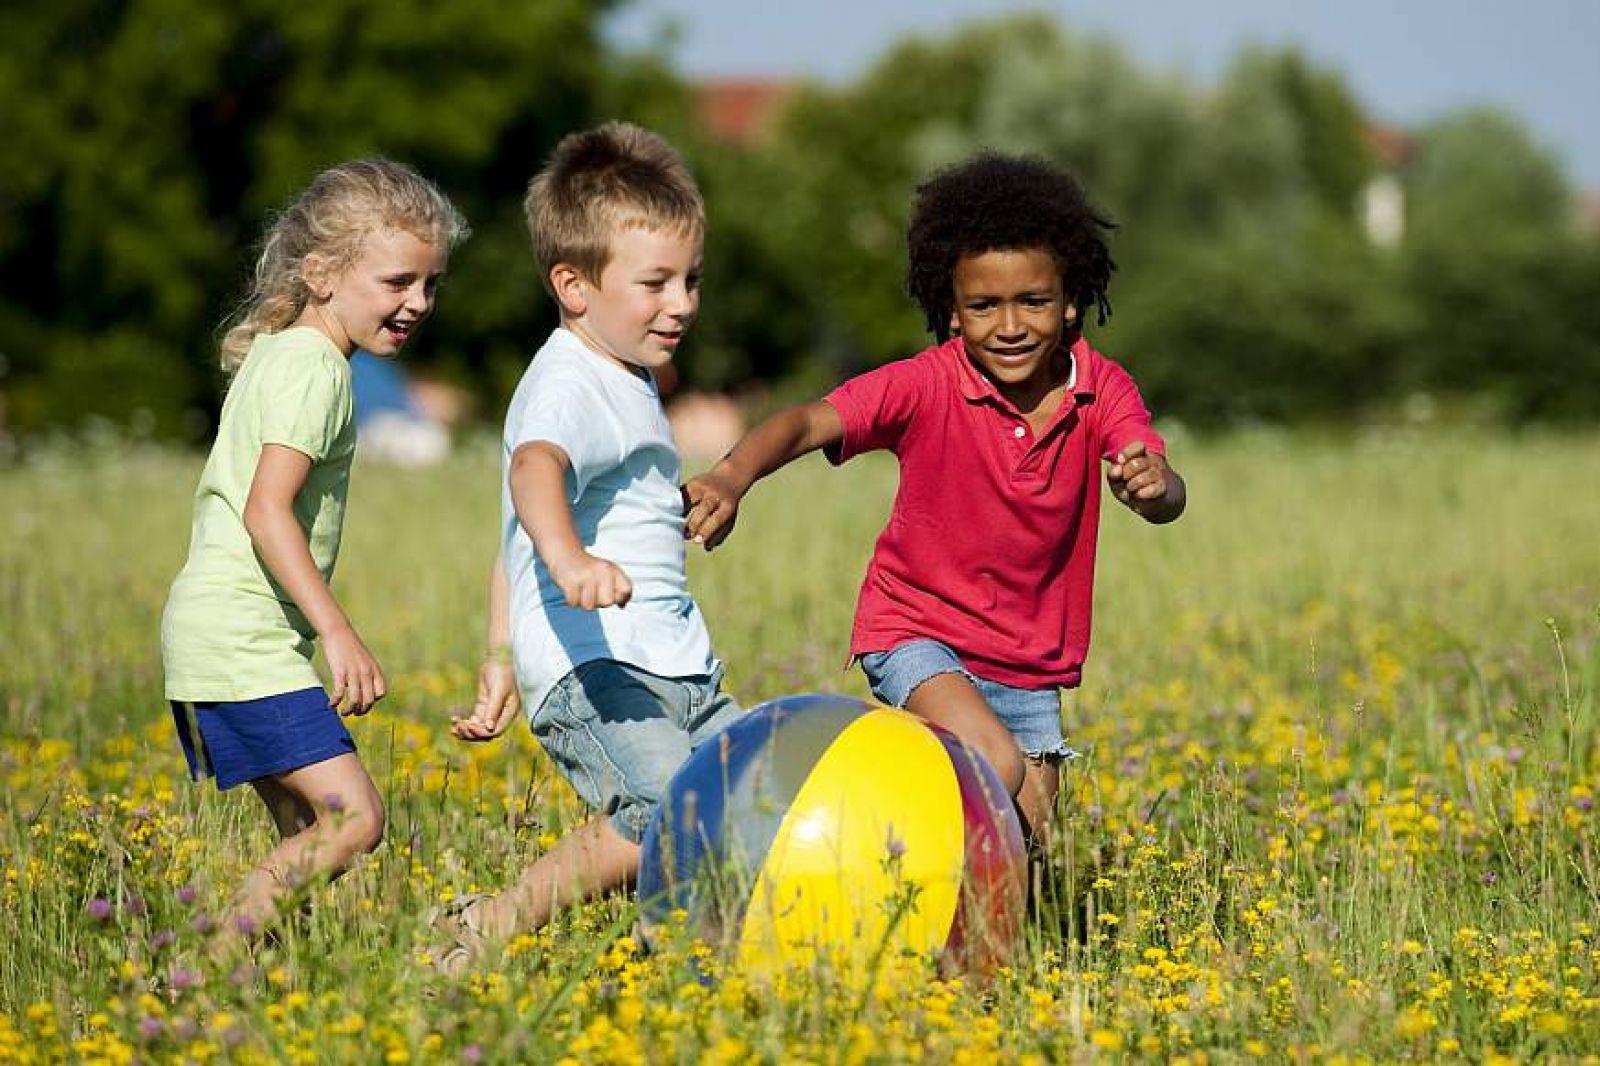 آموزش مهارت های زندگی به کودکان و نوجوانان